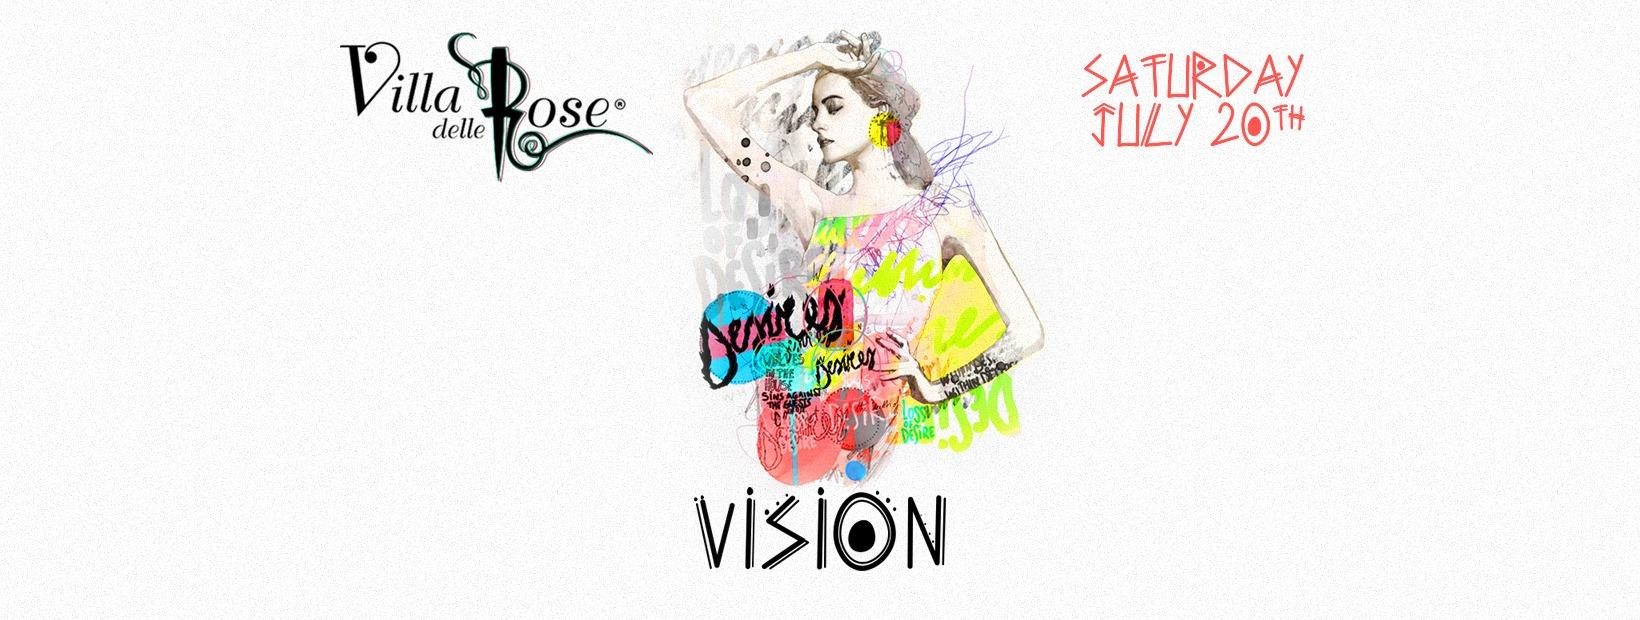 Villa Delle Rose – Sabato 20 Luglio 2019 – Ticket -Biglietti 18app – Pacchetti Hotel